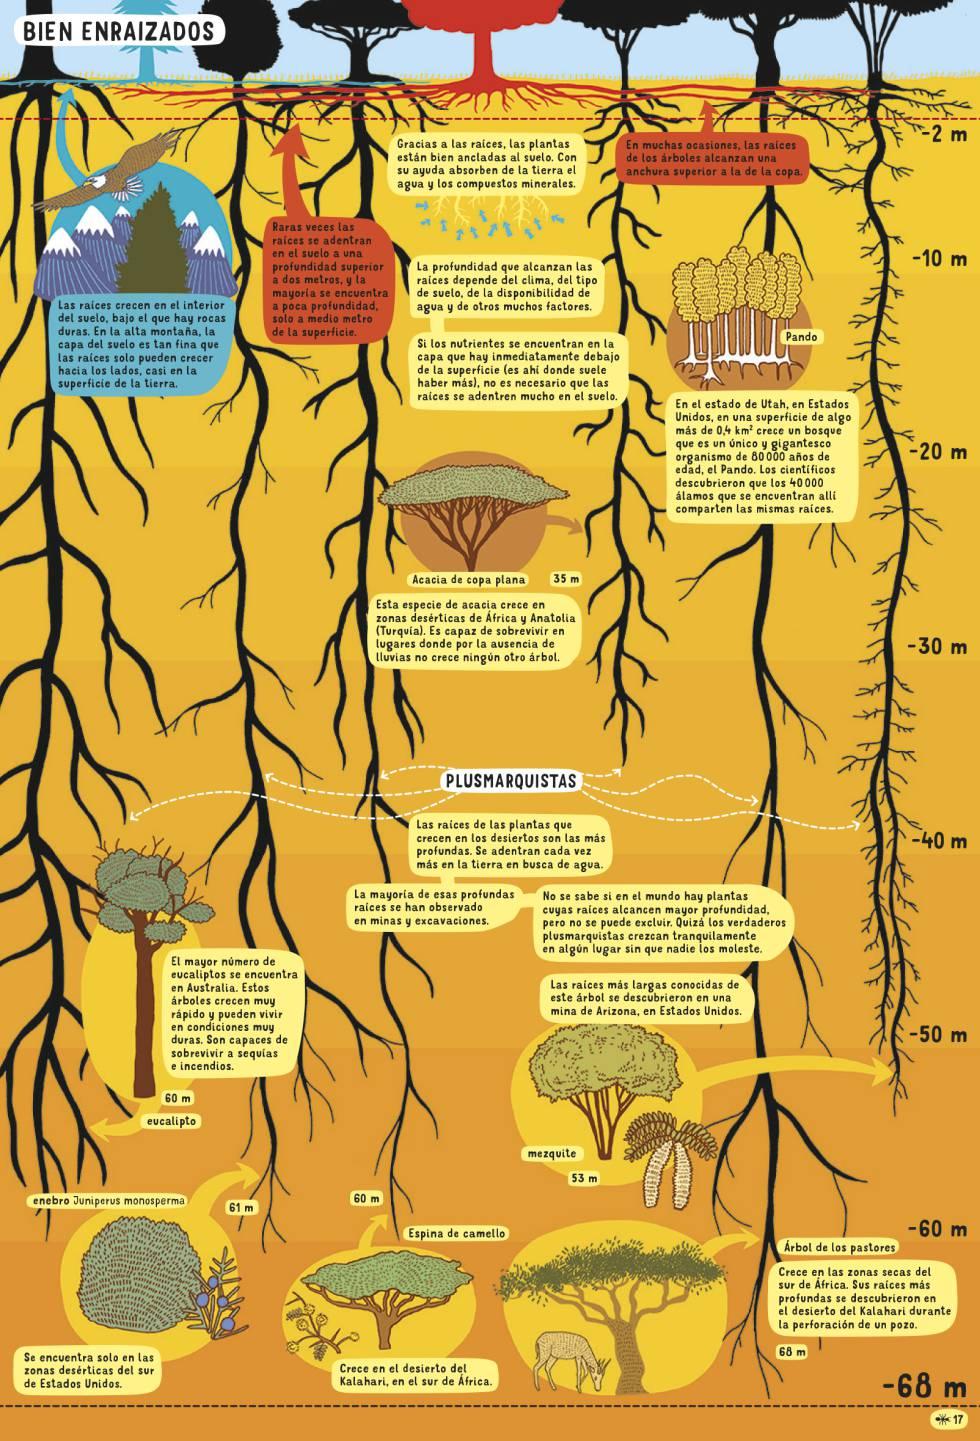 Resultado de imagen para Un árbol del desierto tiene las raíces más profundas: 68 metros